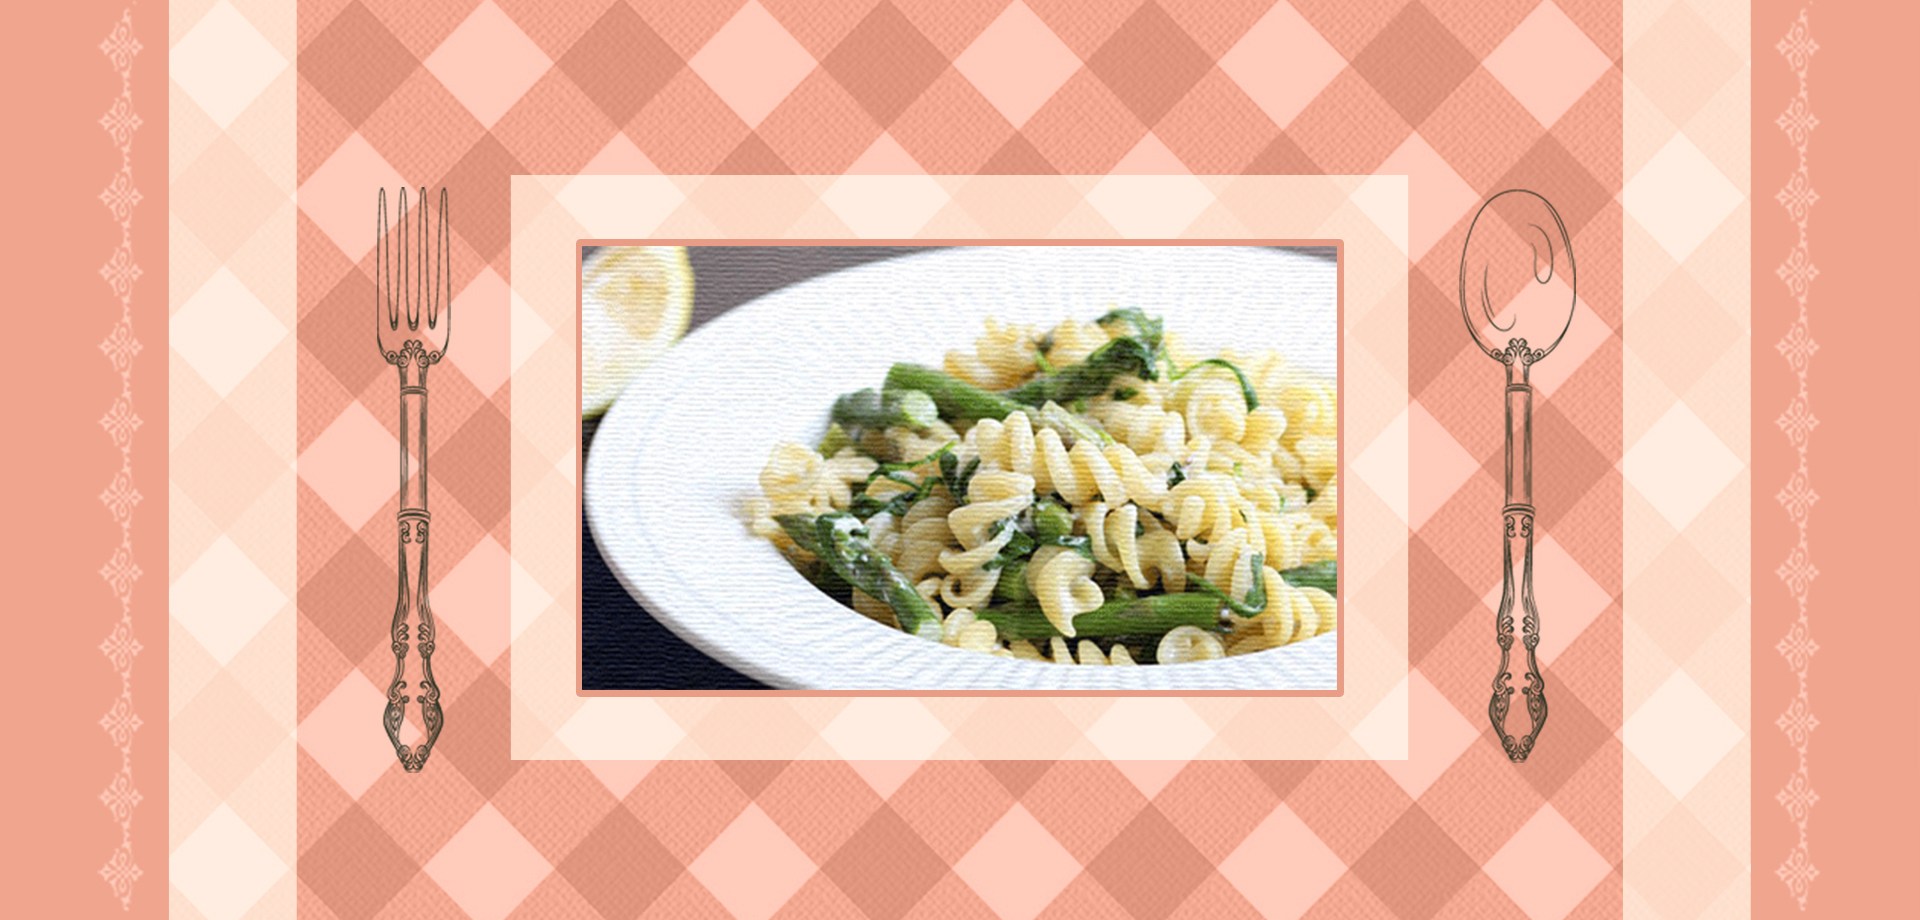 Η συνταγή της ημέρας: Βίδες με σπαράγγια, αρακά και ρόκα